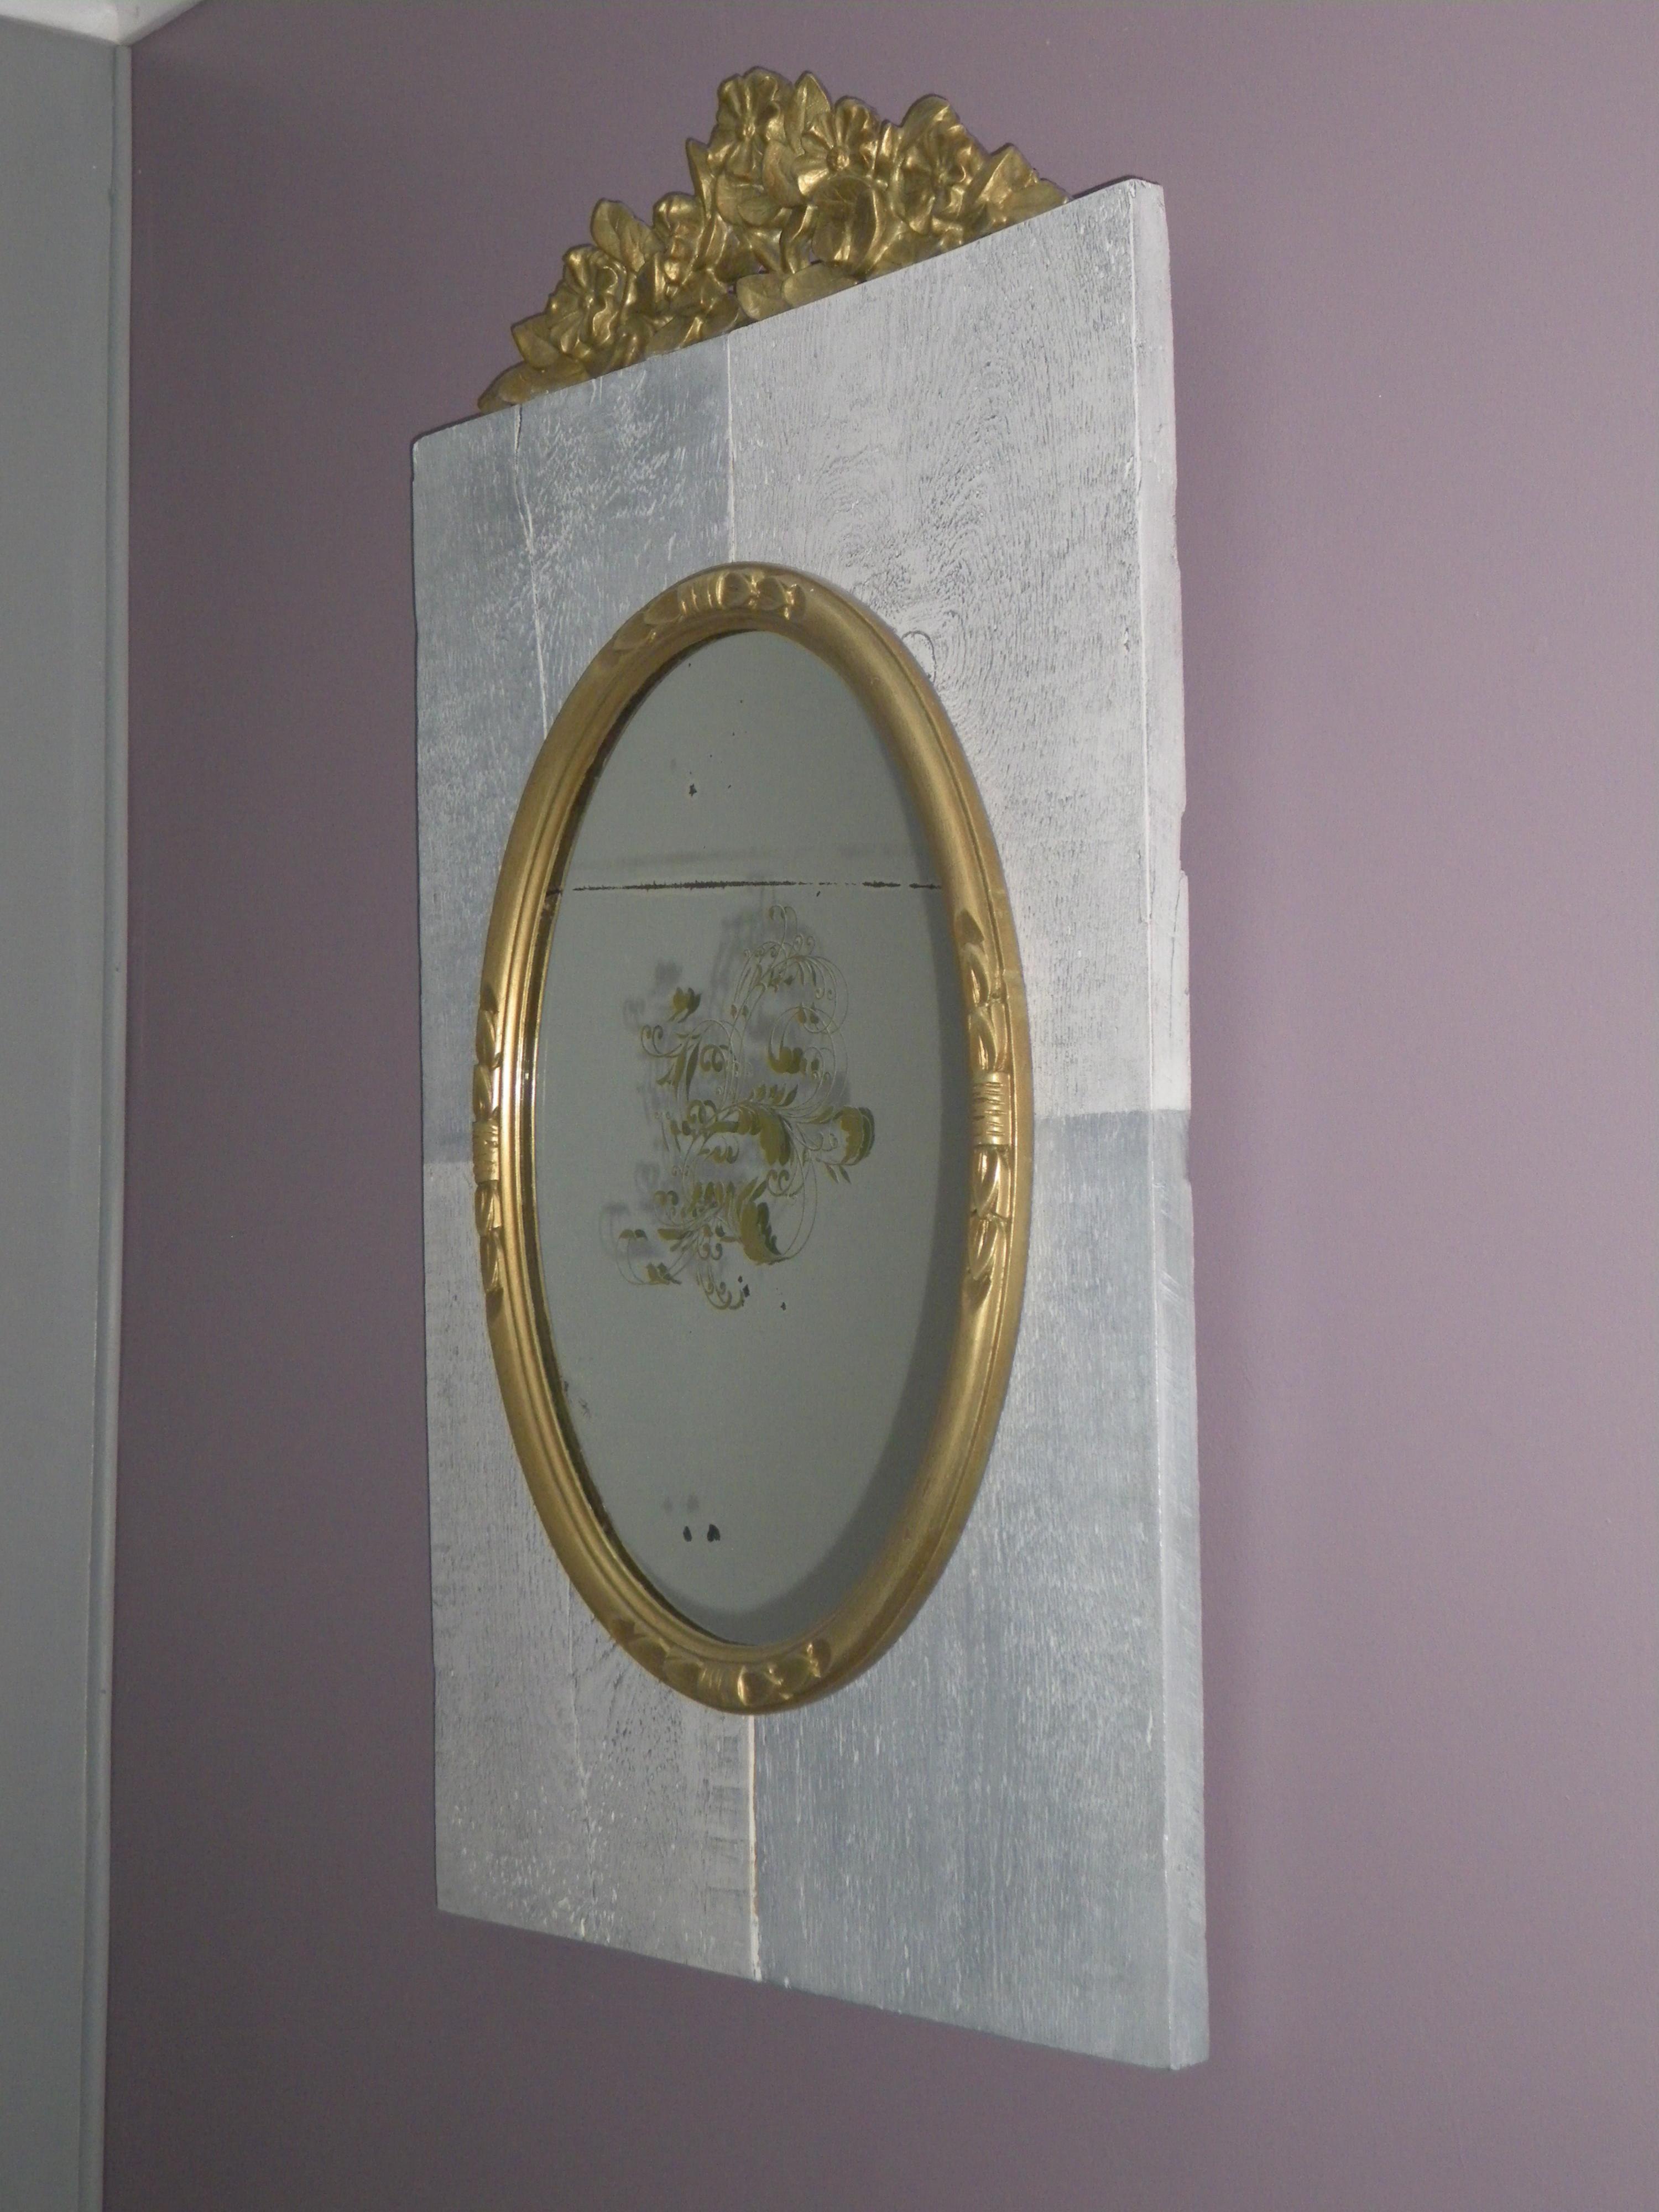 miroir ancien ovale dor sur support bois patin avec fronton anjoudeco. Black Bedroom Furniture Sets. Home Design Ideas